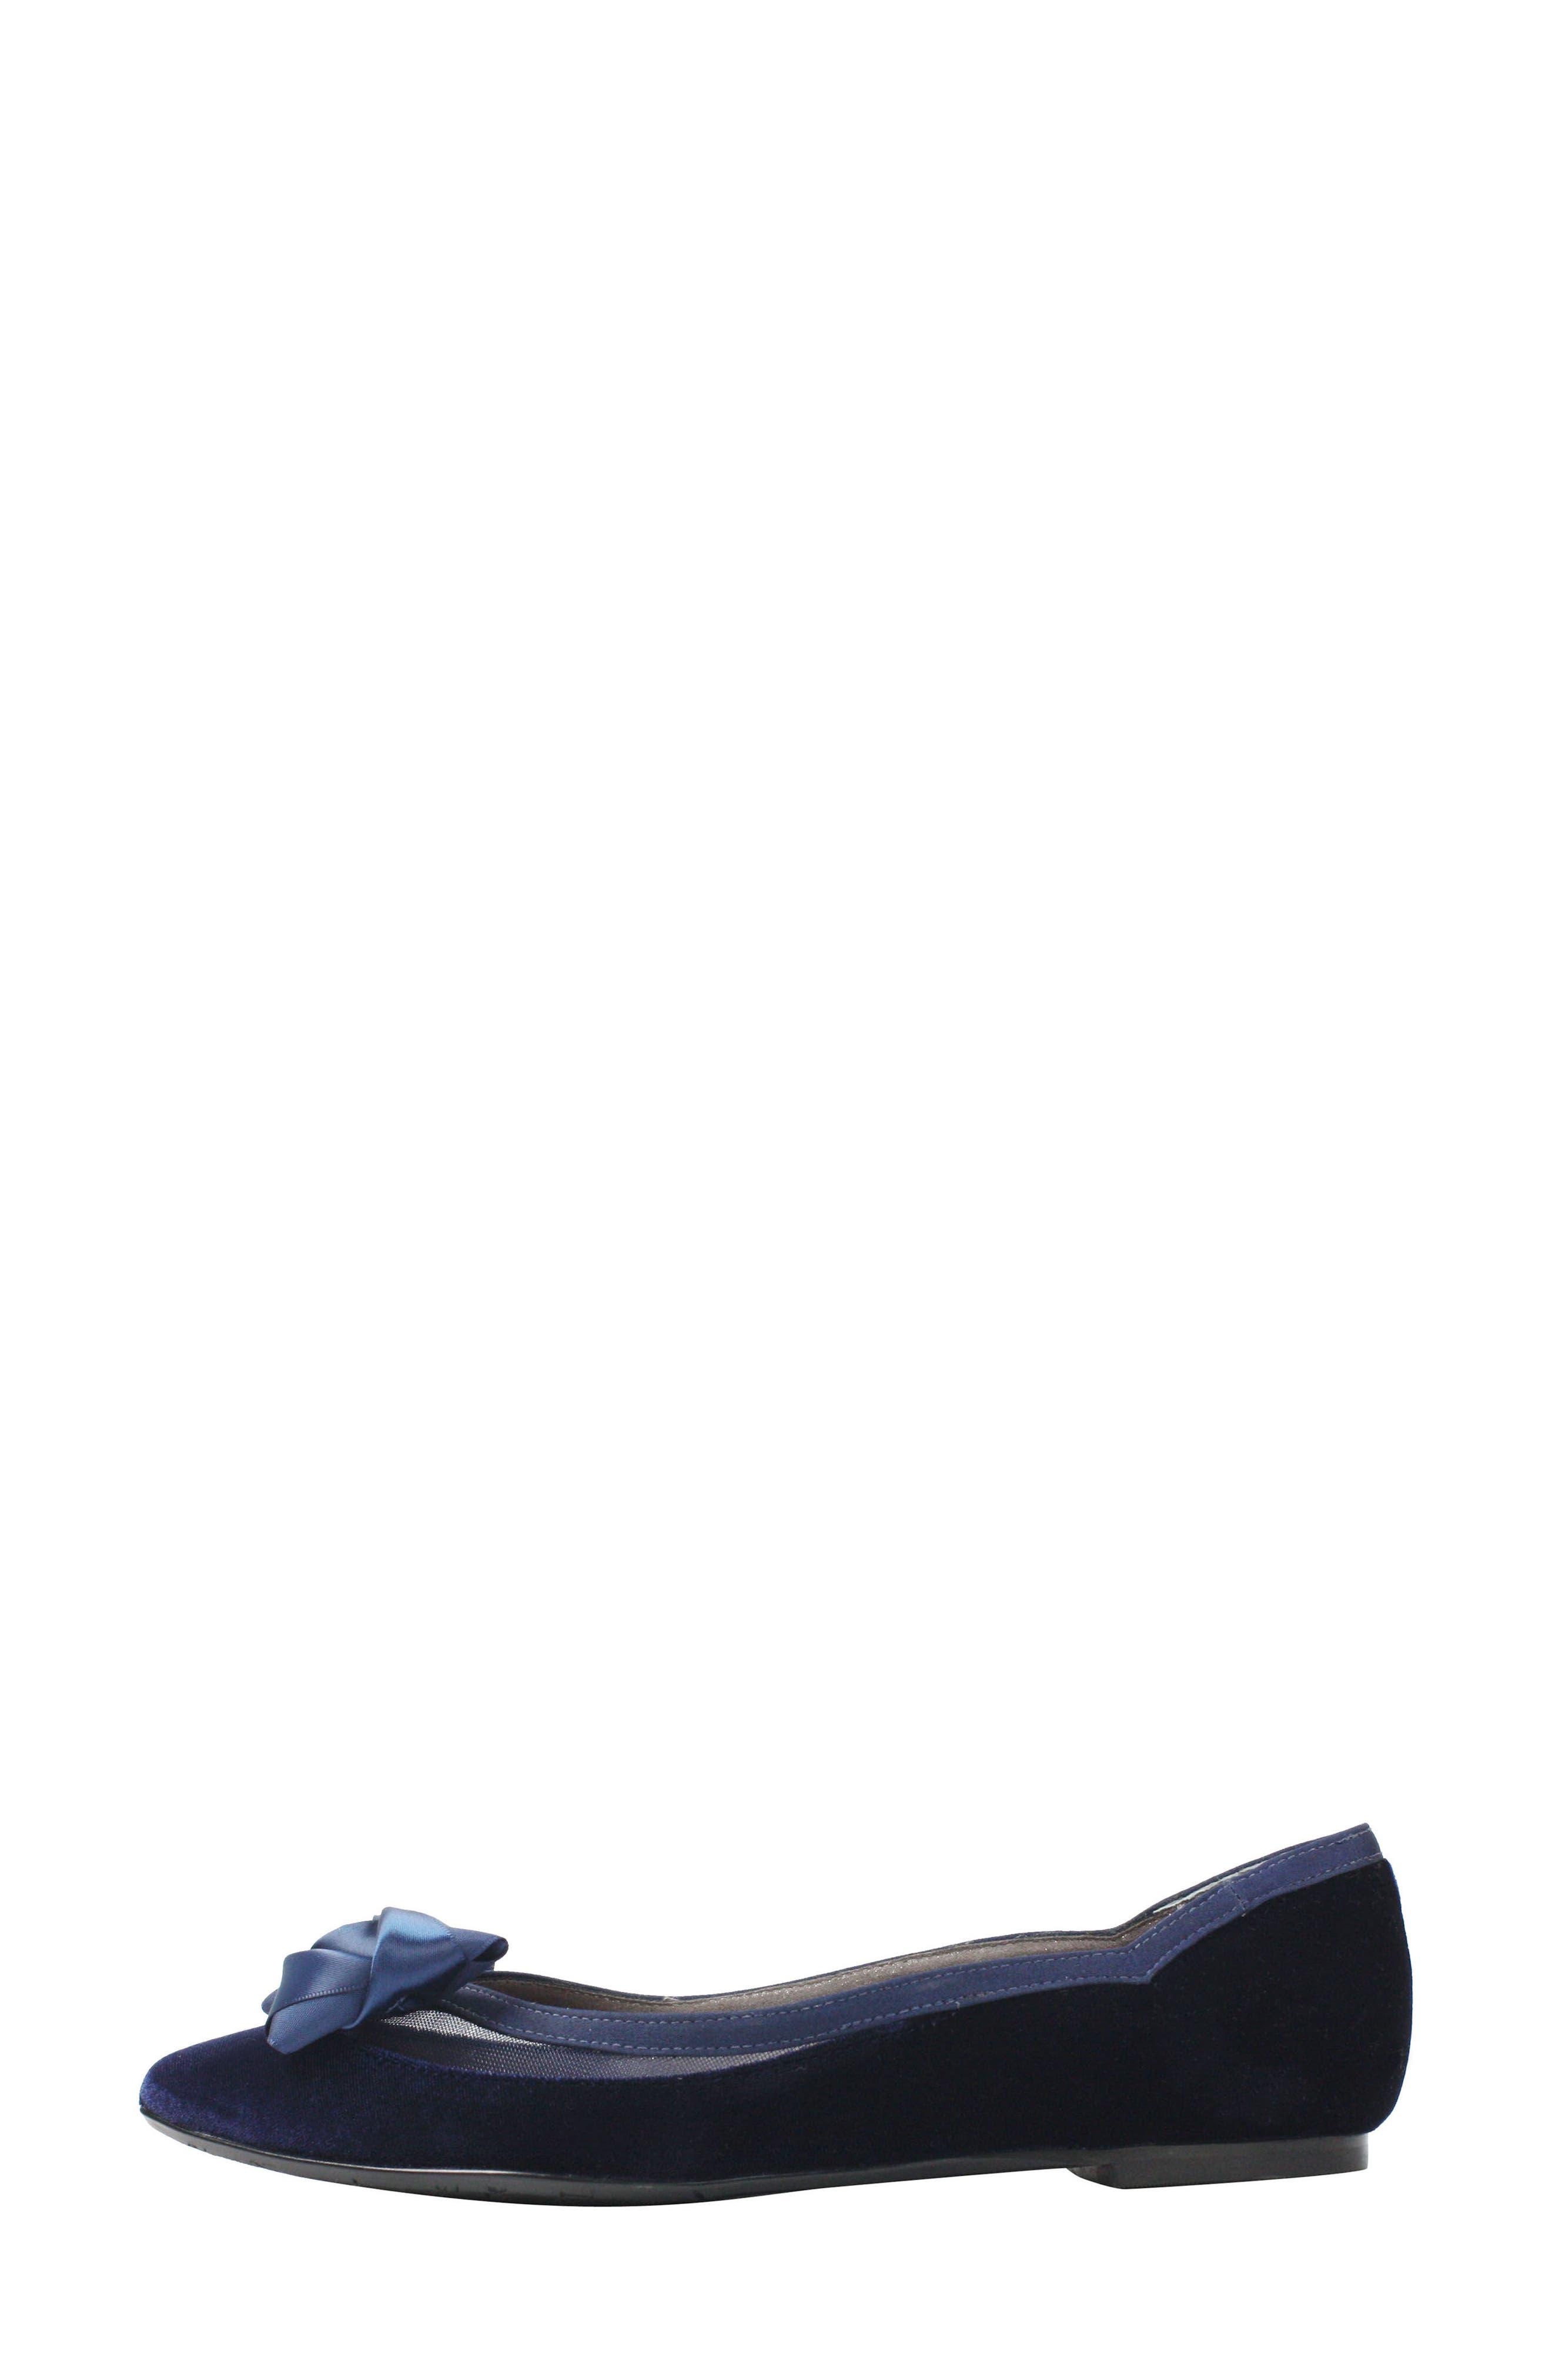 Allitson Bow Flat,                             Alternate thumbnail 2, color,                             Navy Velvet Fabric